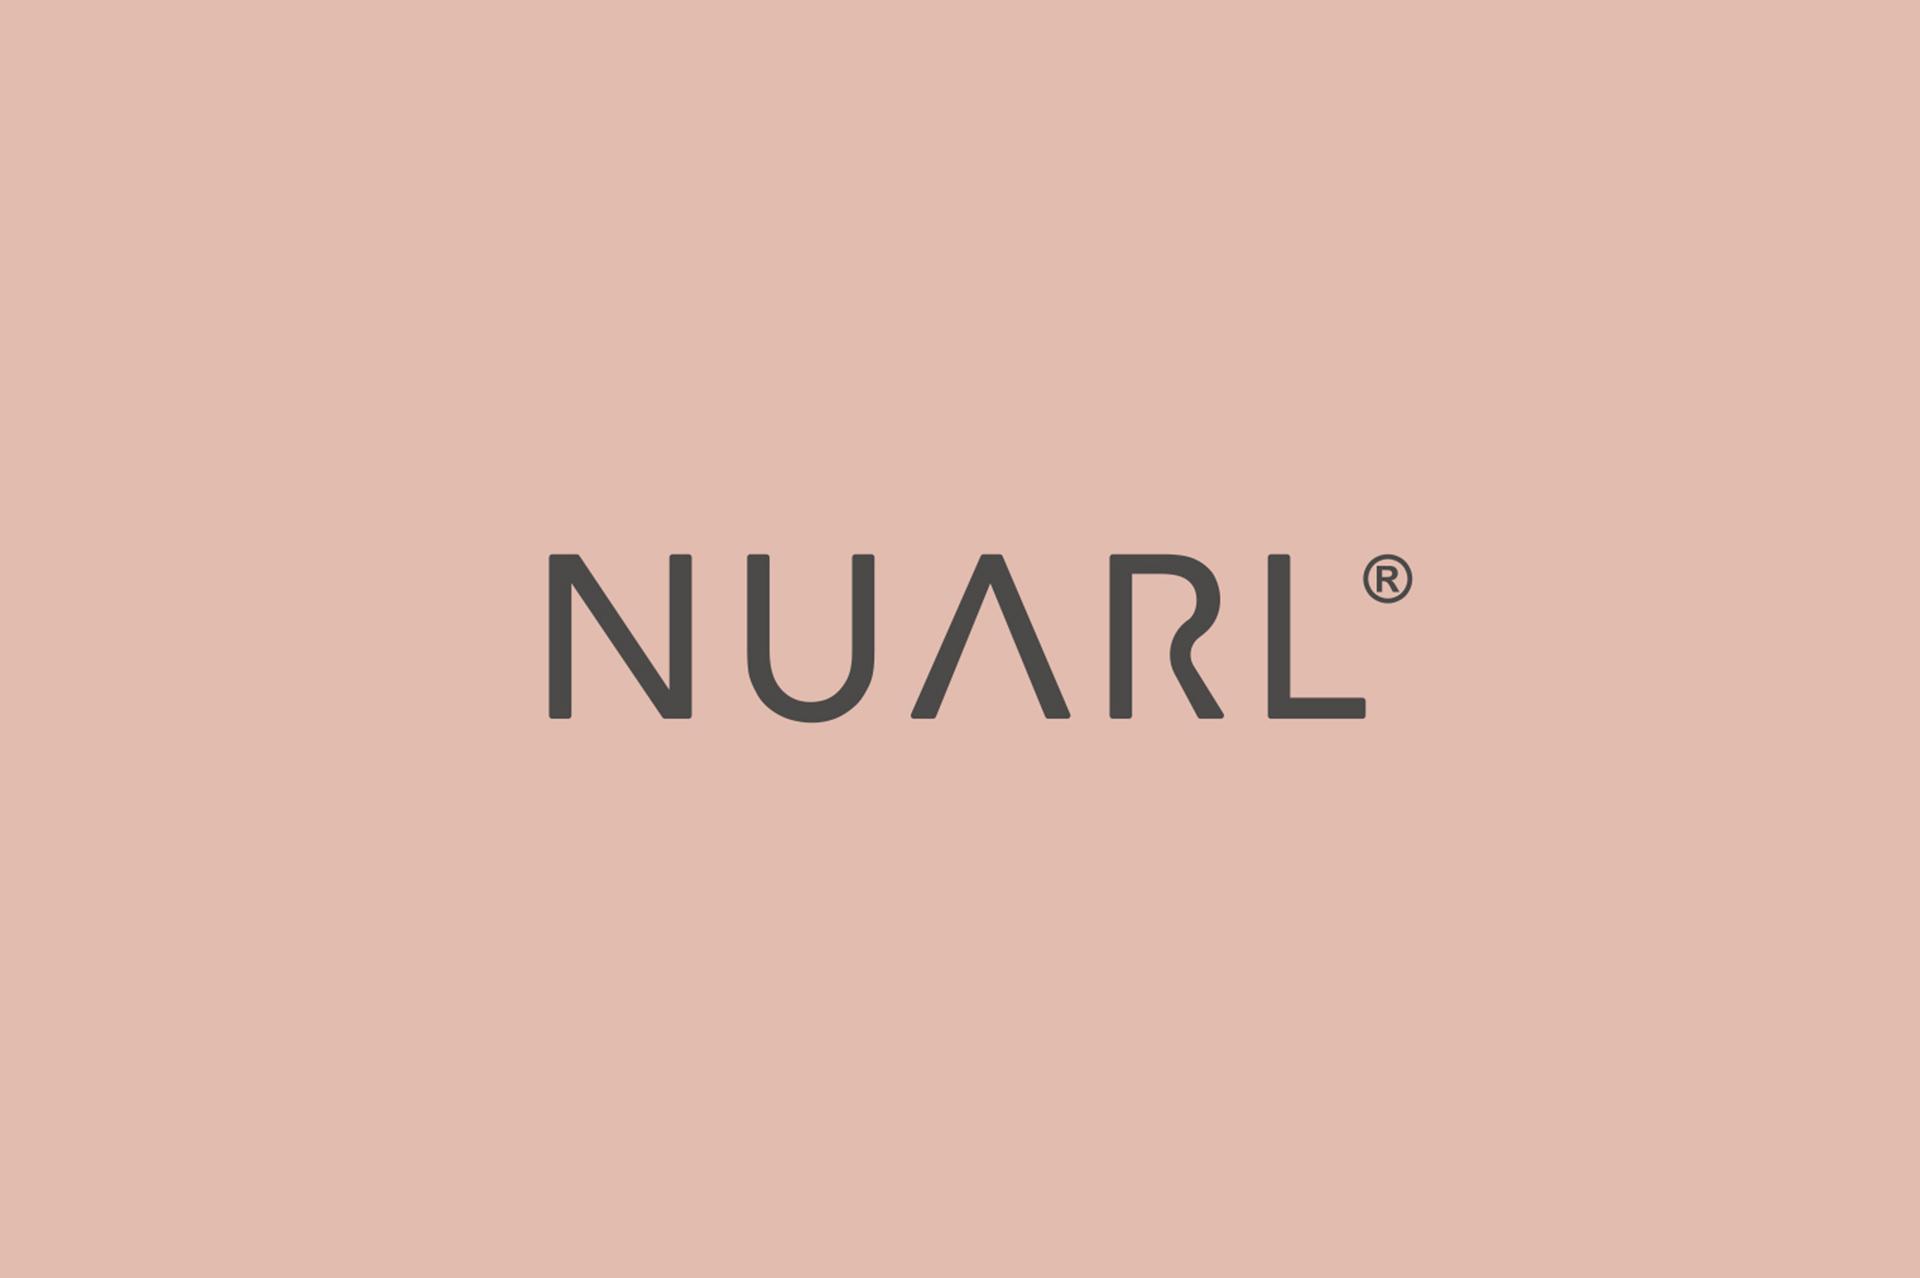 【NUARL】新製品 Qualcomm「QCC3026」搭載完全ワイヤレスイヤホン「NT01AX」を一般初公開(+多彩なプレゼントも)